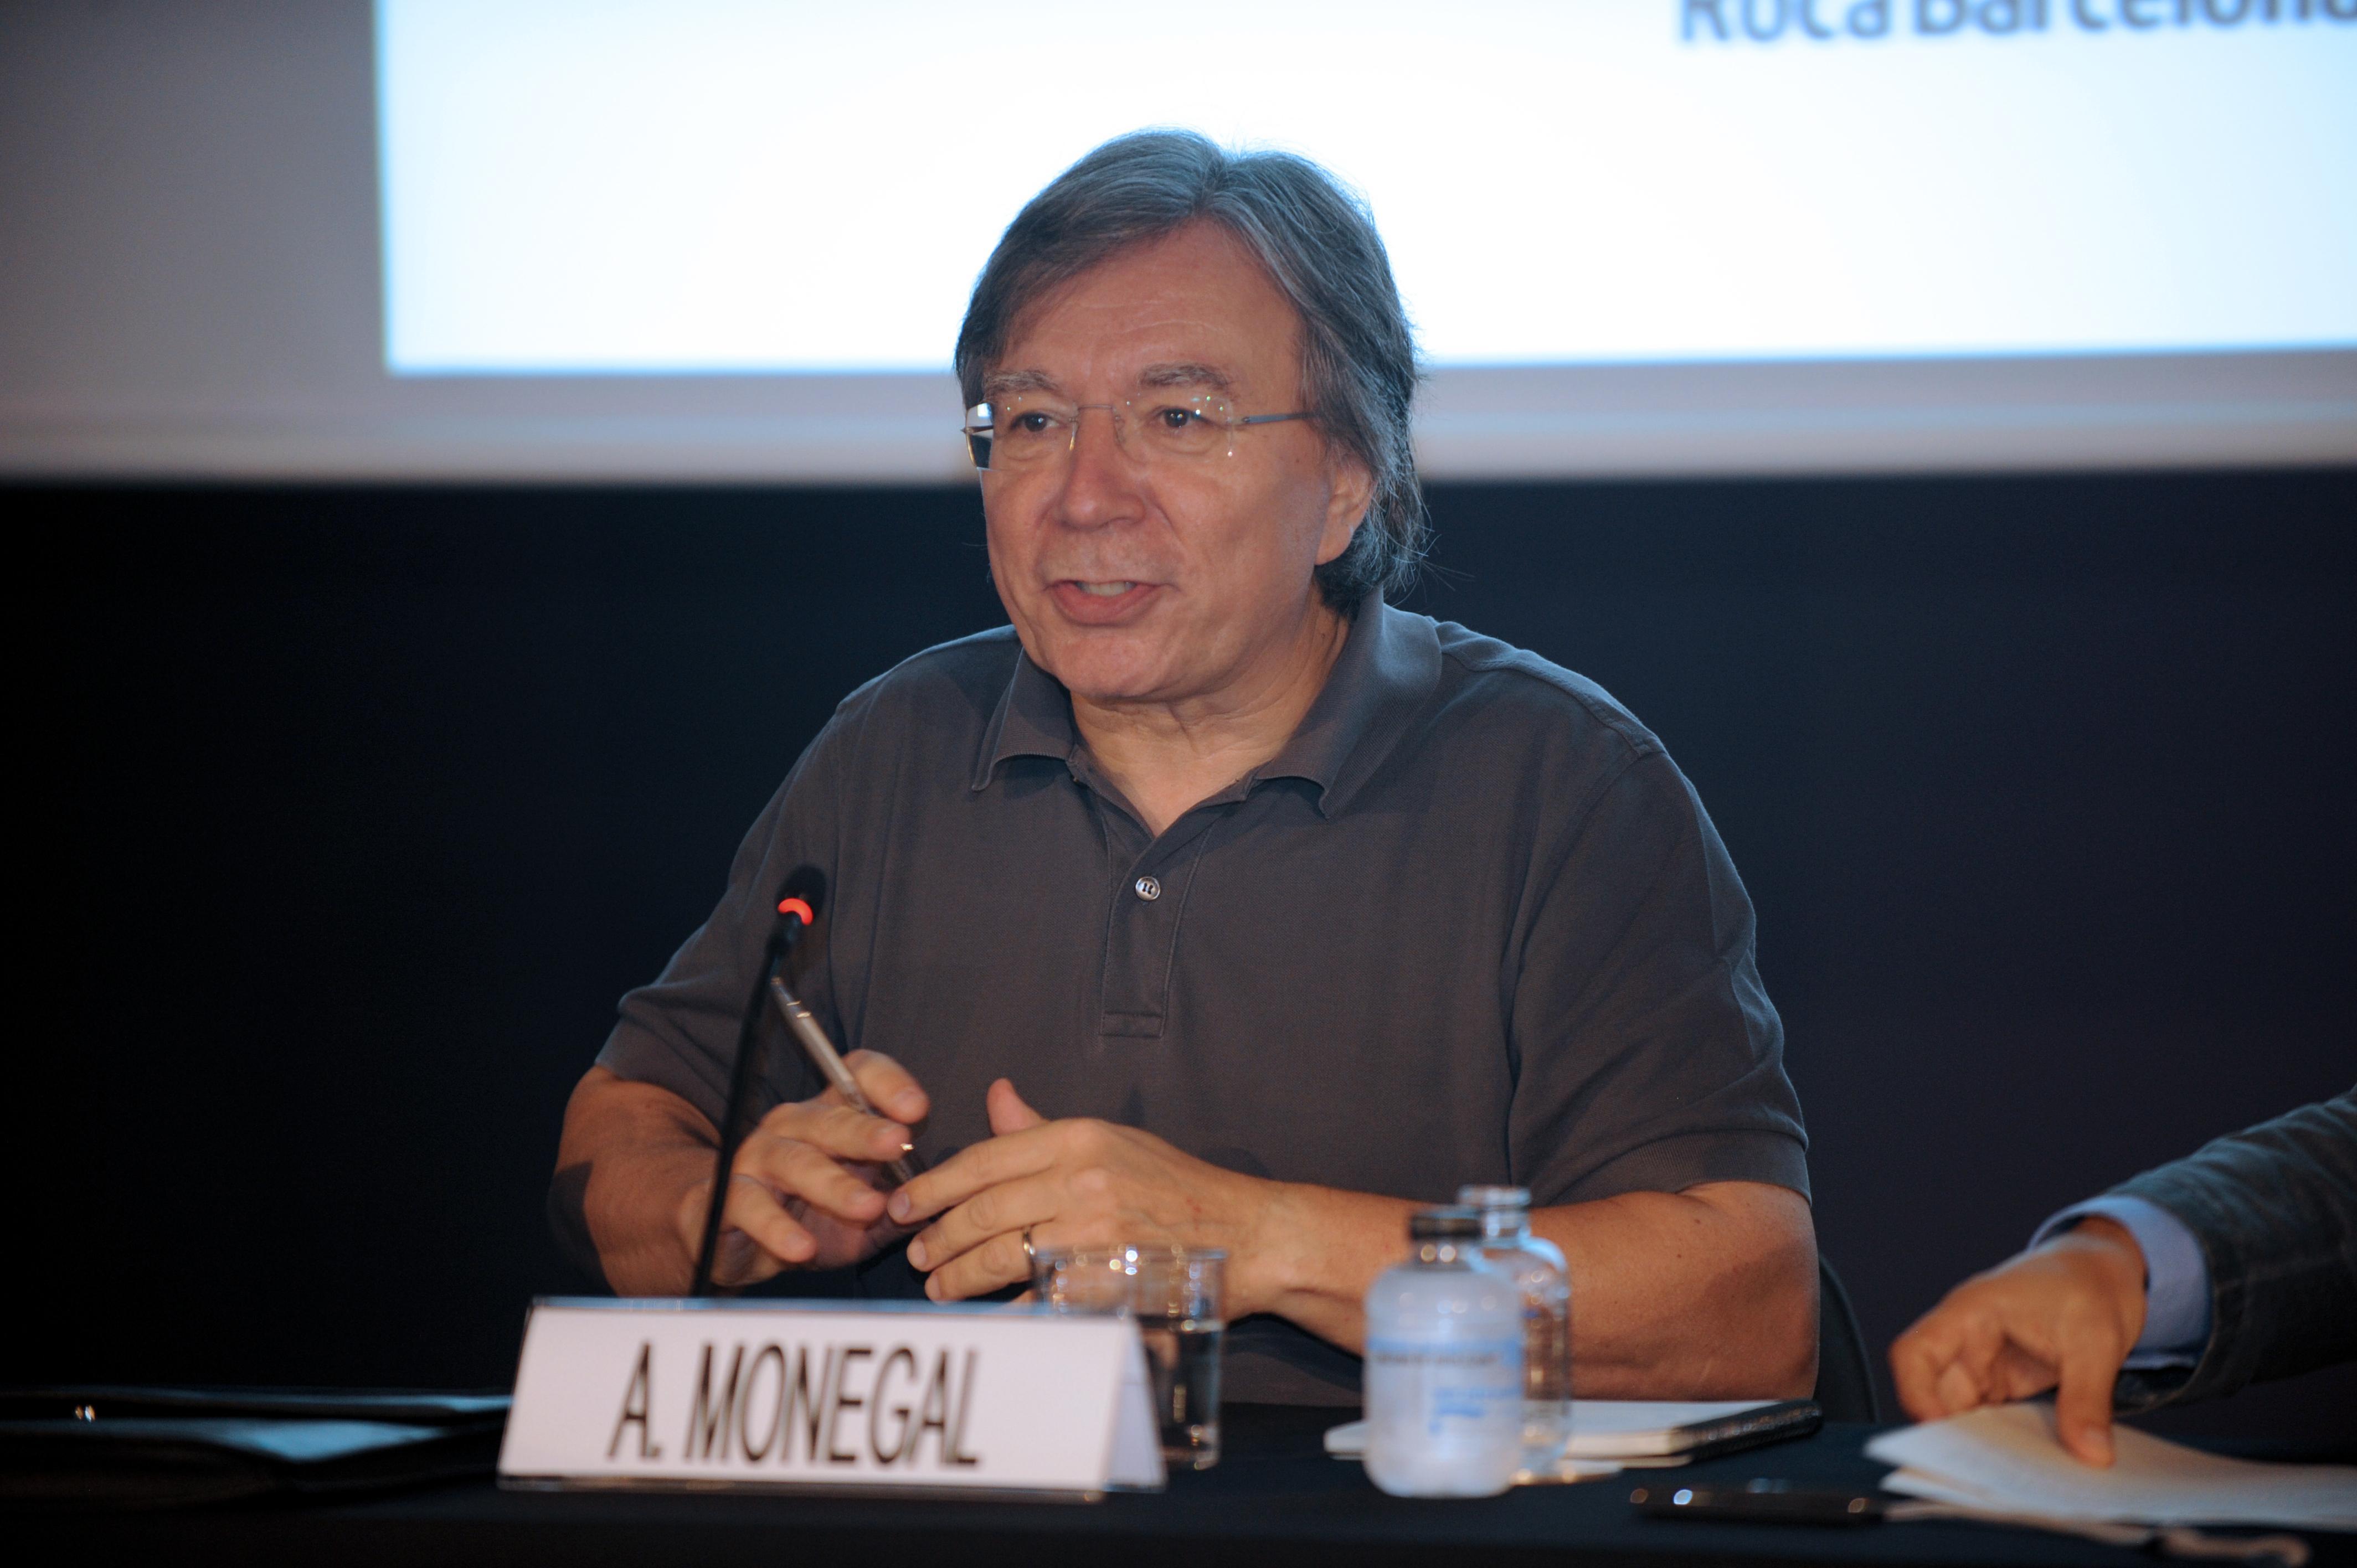 Antonio Monegal